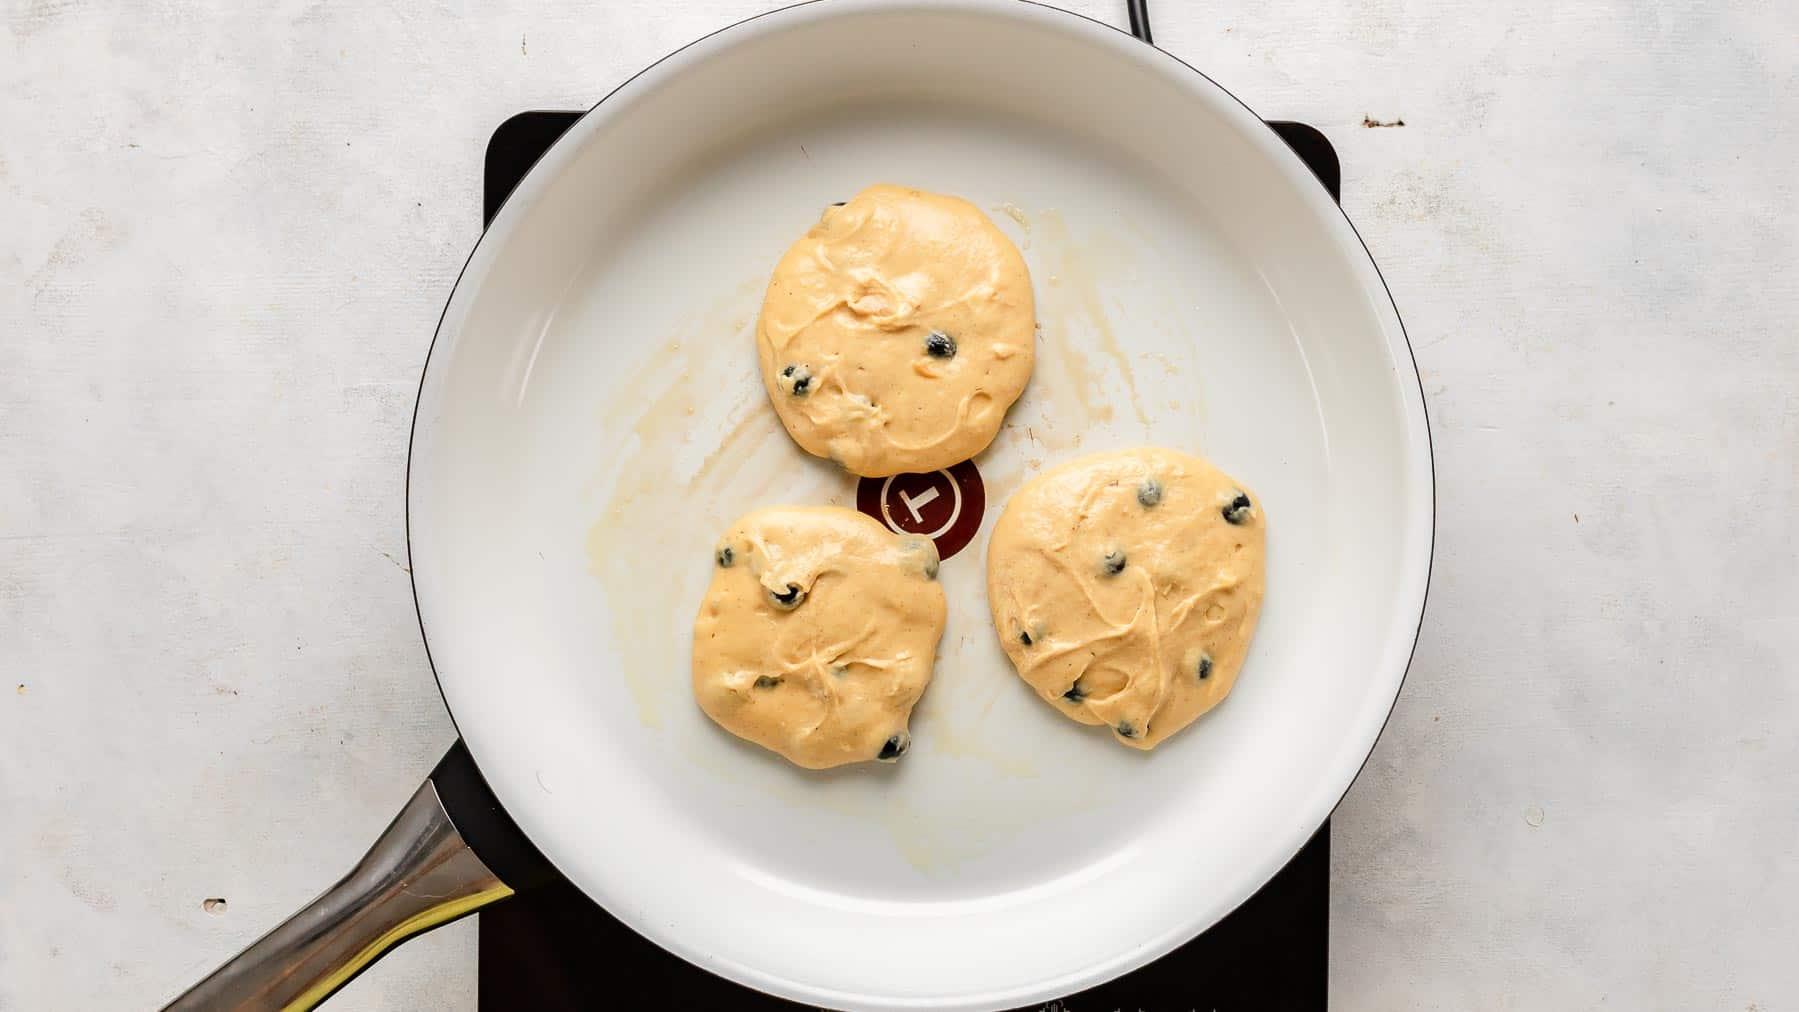 pan with three pancakes in pan